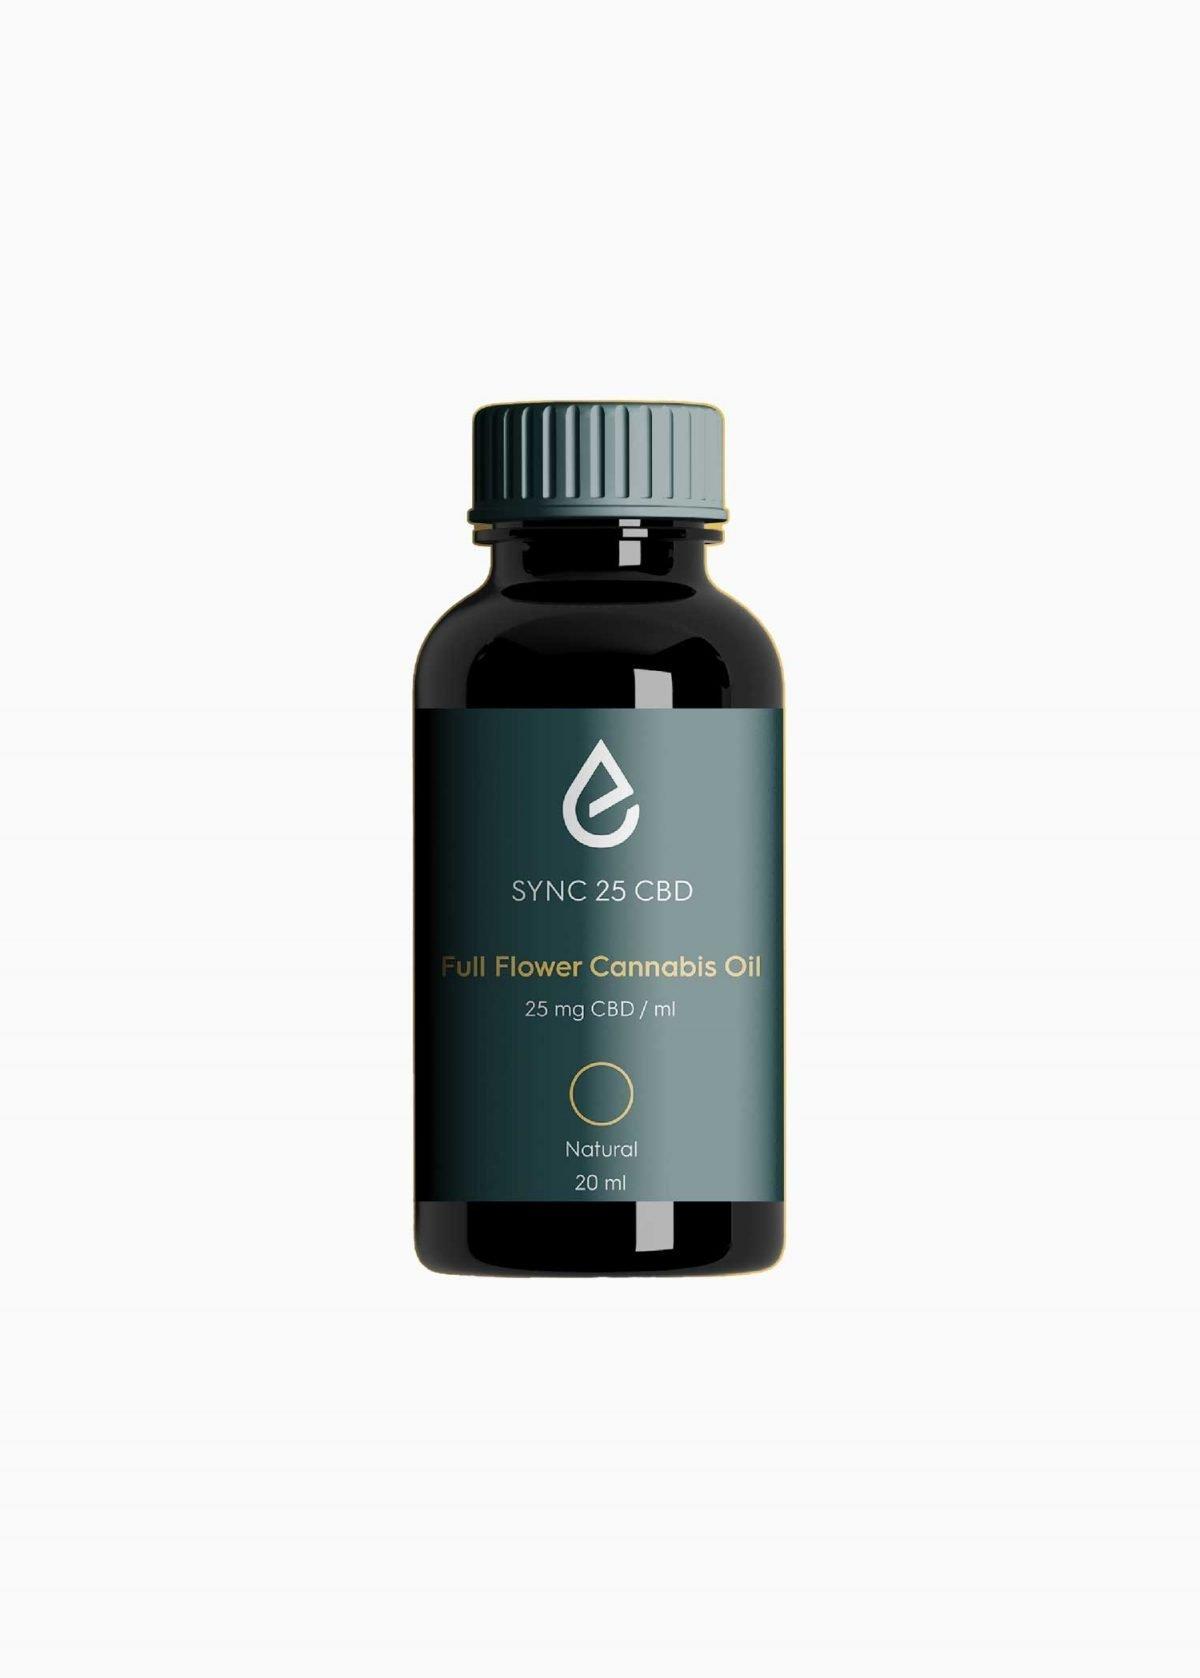 Emerald Health Therapeutics Sync 25 CBD Oil